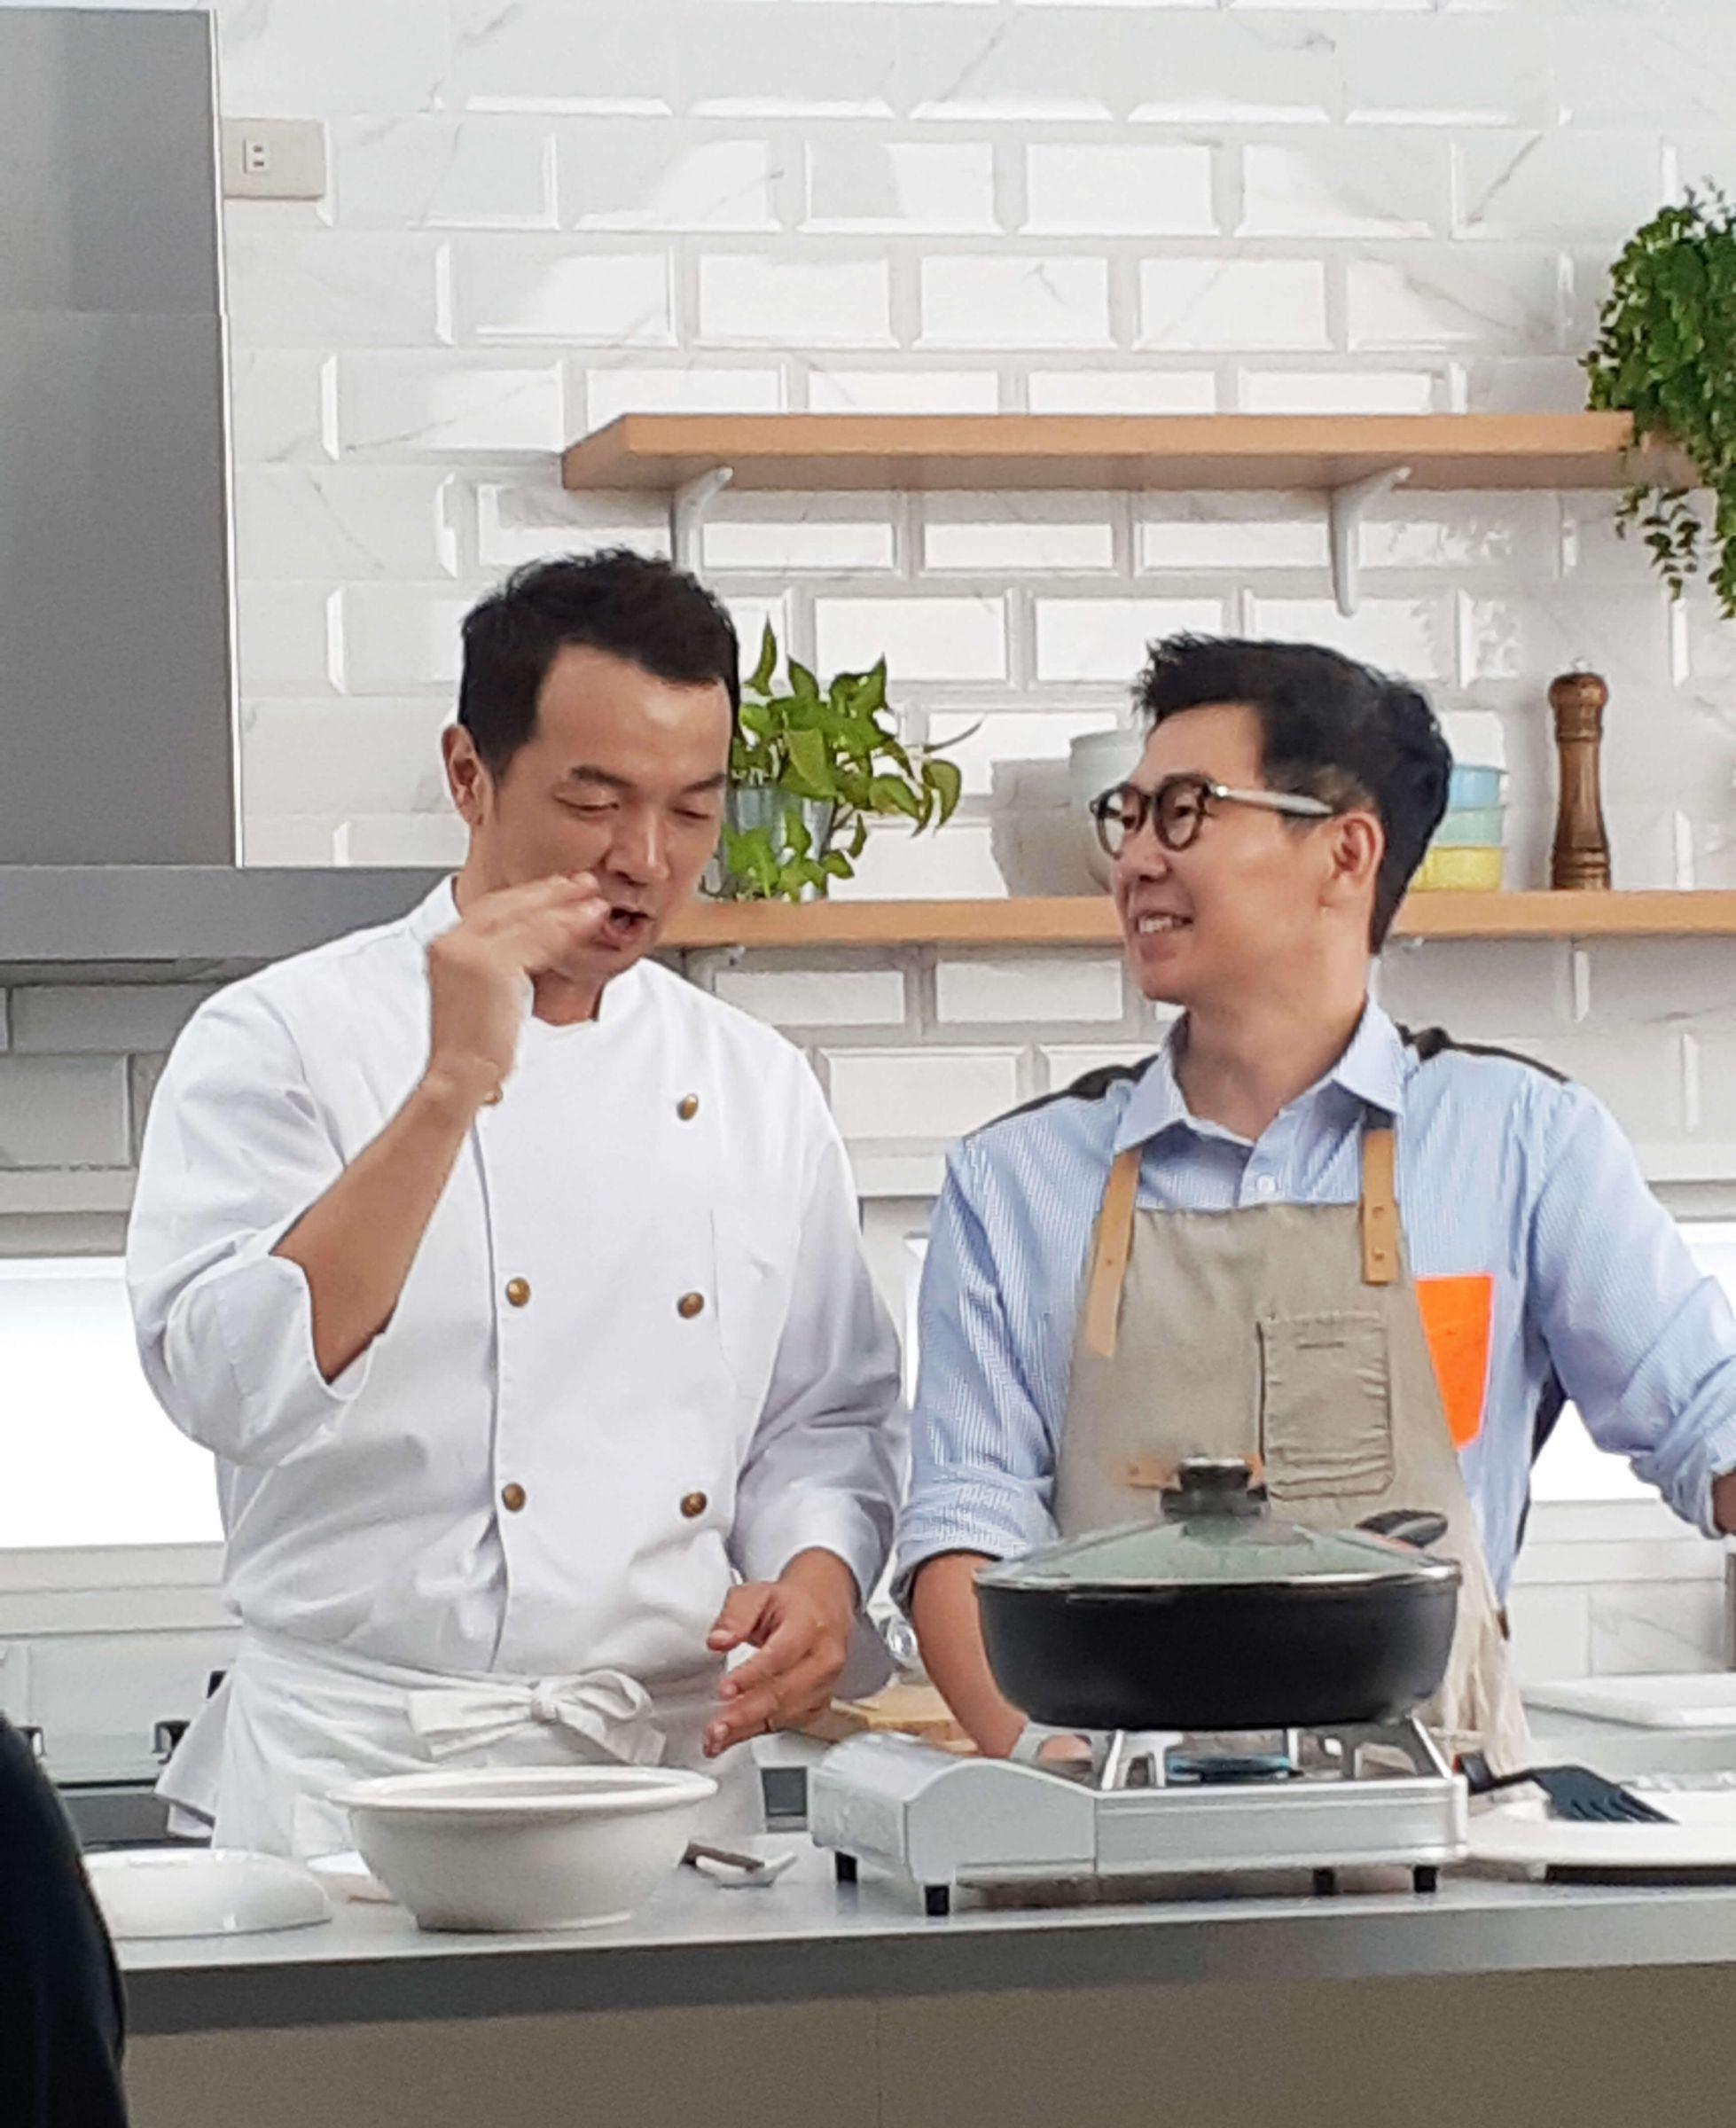 品冠「發生意外慘案」 魚未解凍下鍋險炸廚房!